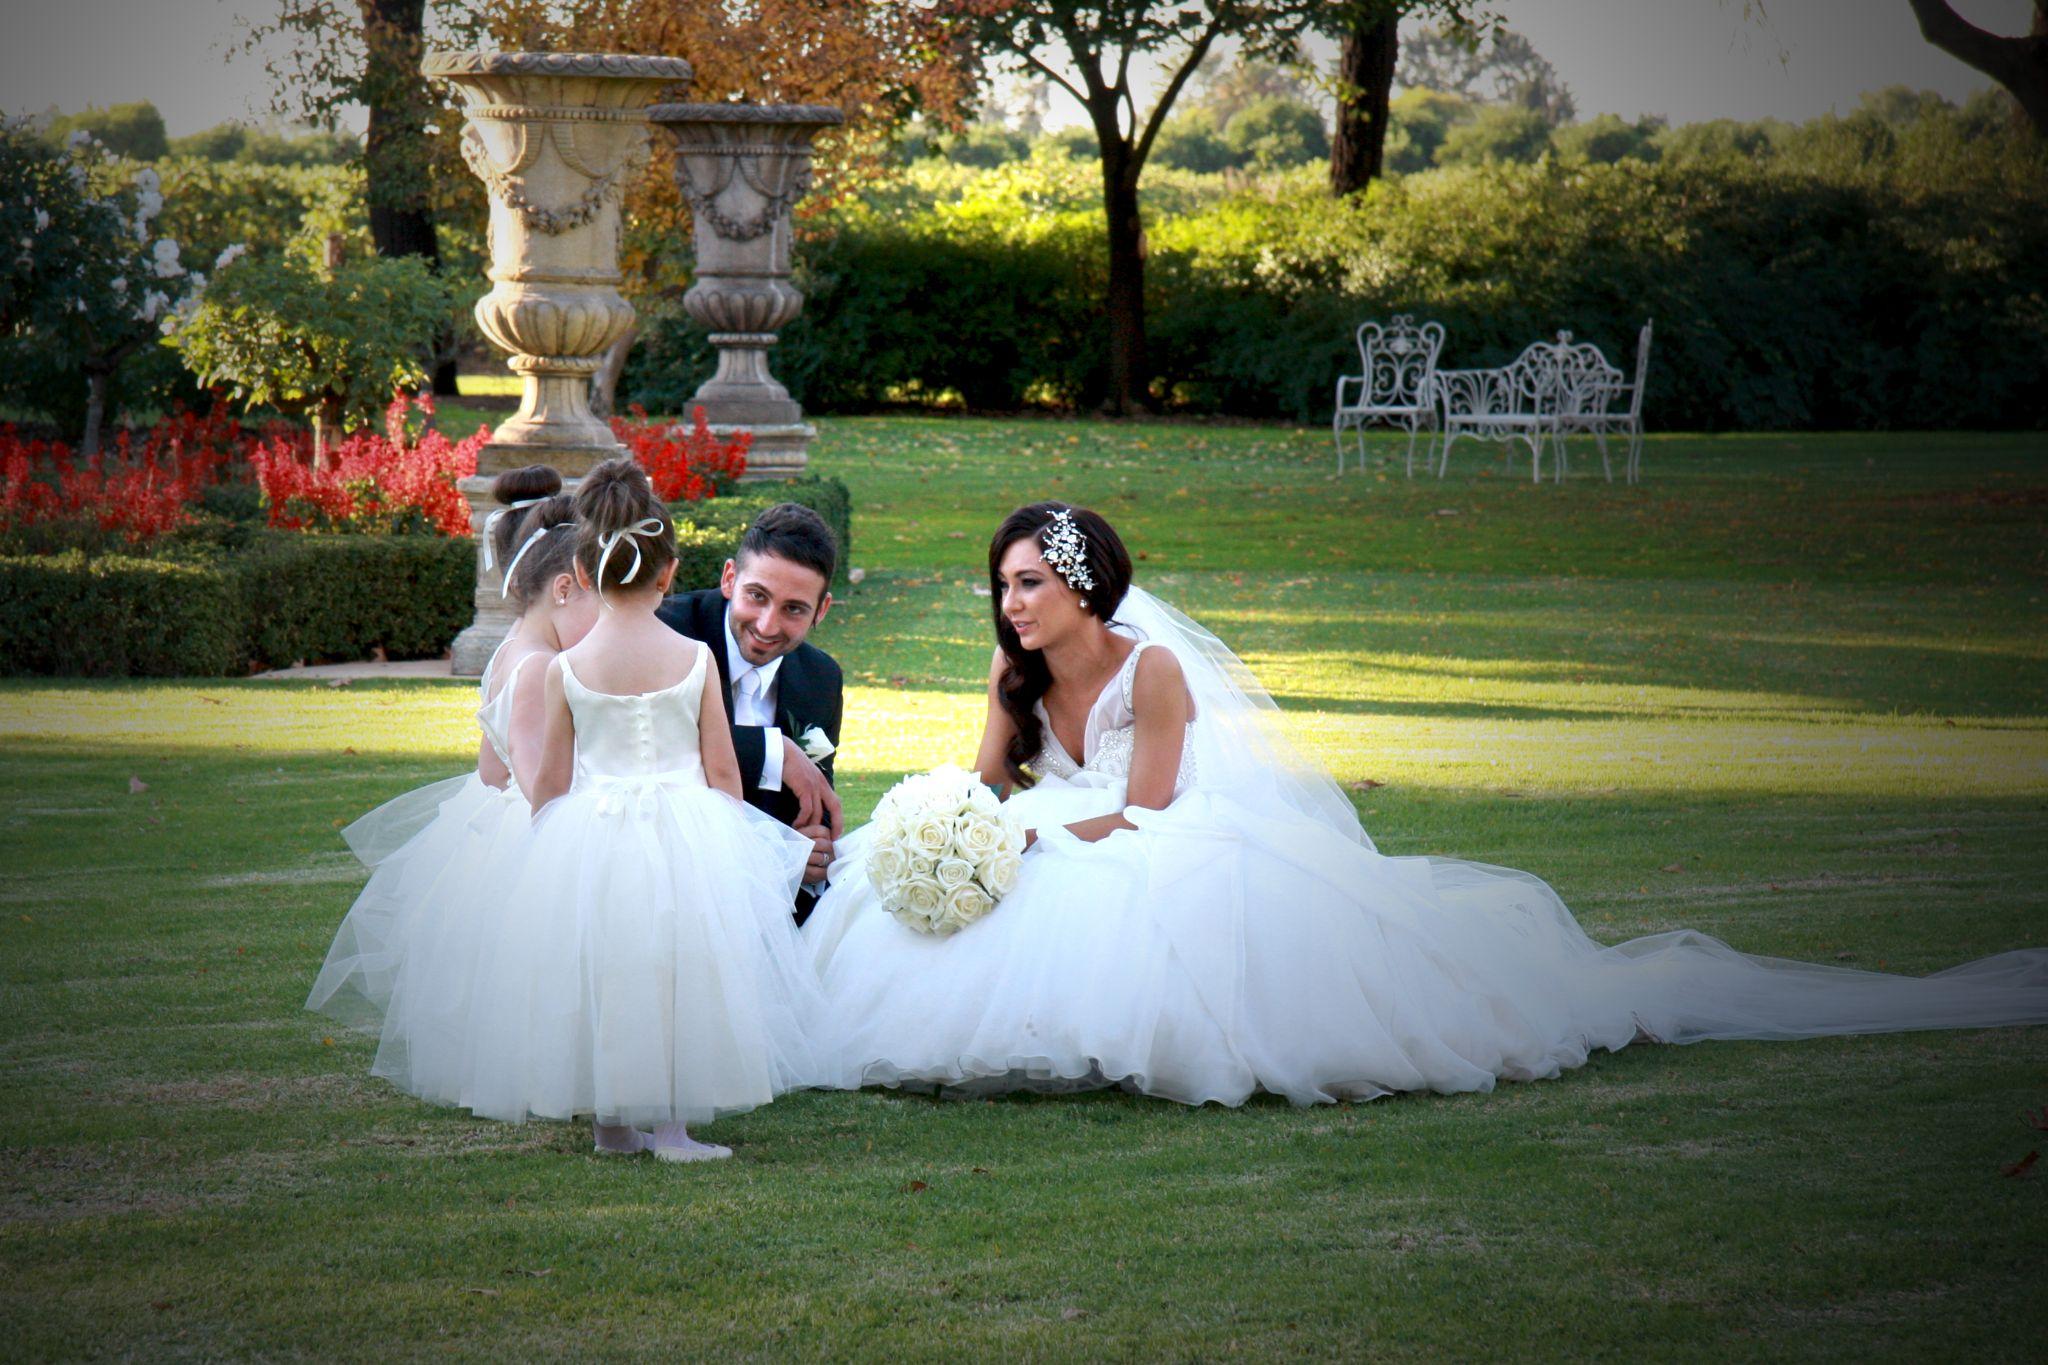 Wedding day by Franv76